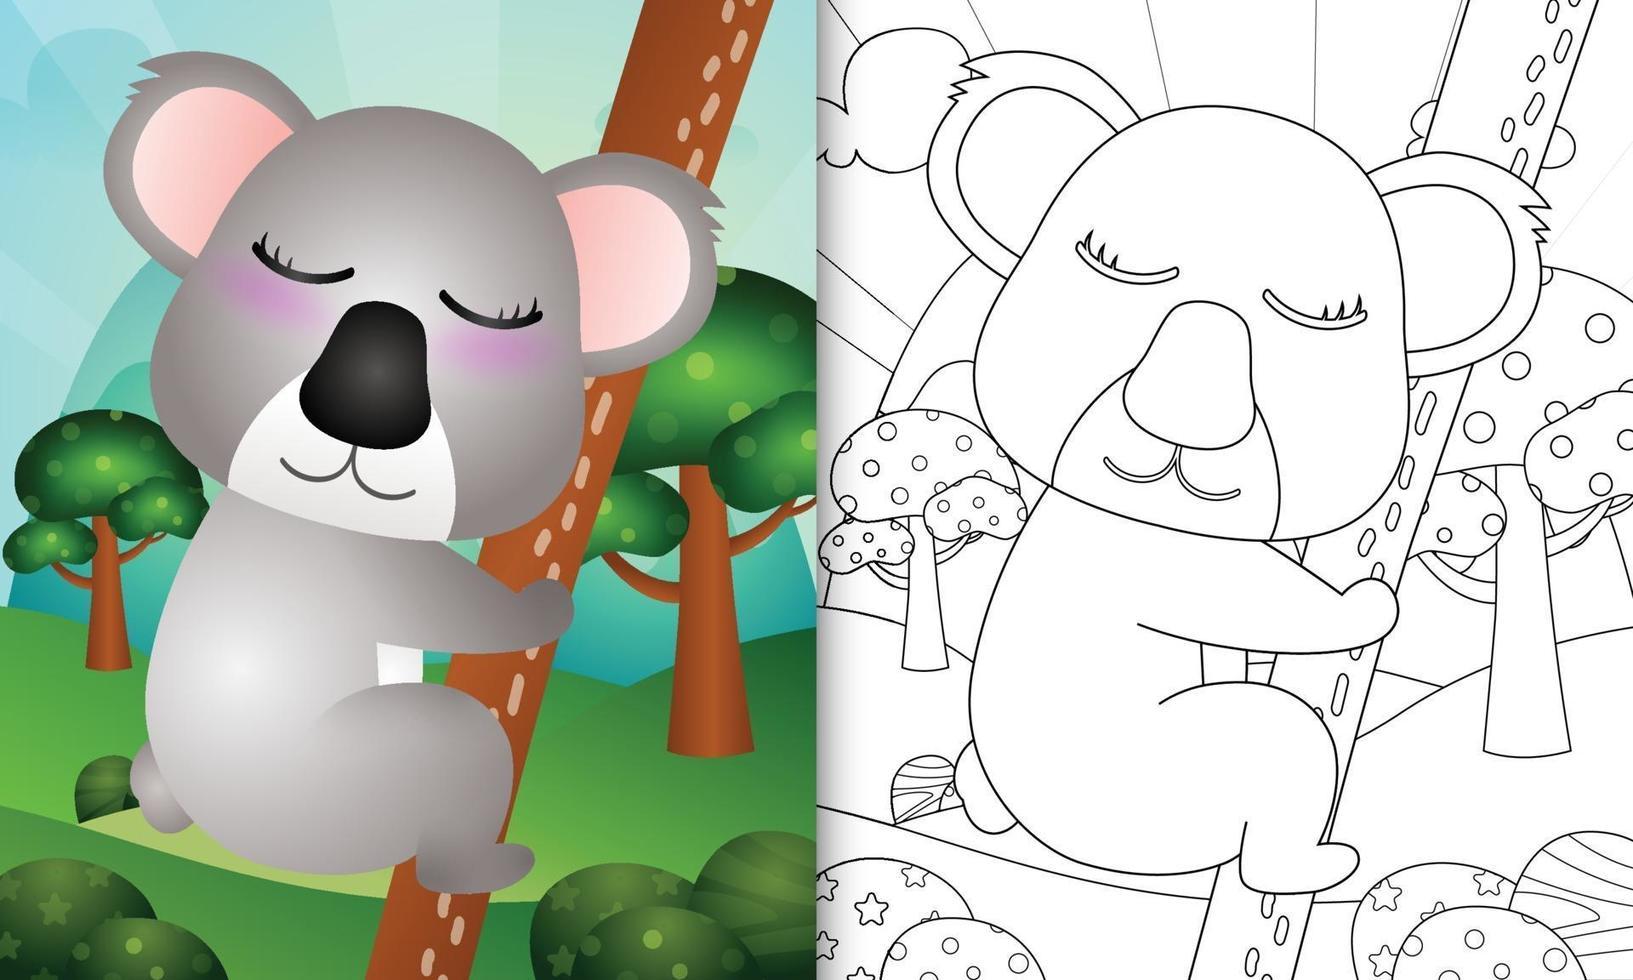 livro de colorir para crianças com uma ilustração de um coala fofo vetor